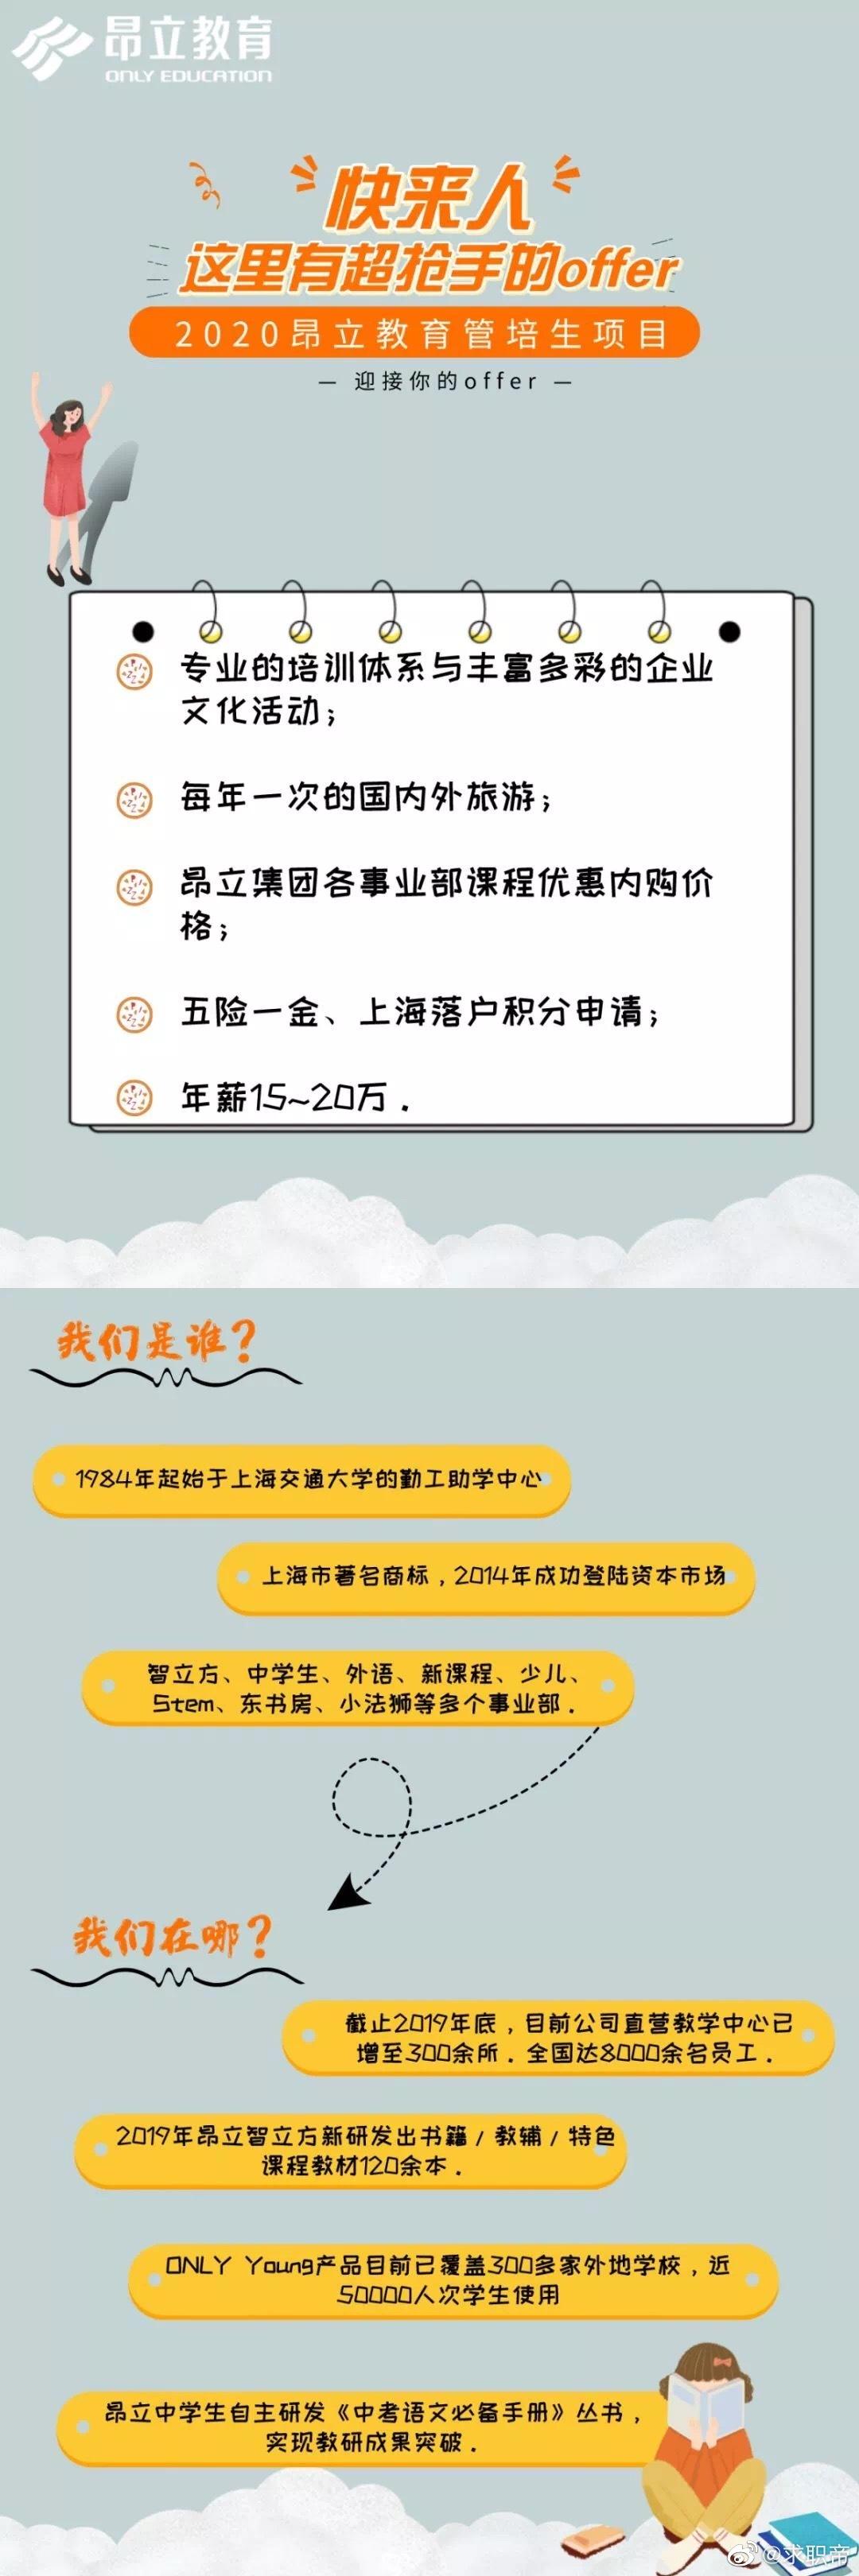 上海落户积分,年薪15~20W,五险一金,昂立教育2020届管培生项目!